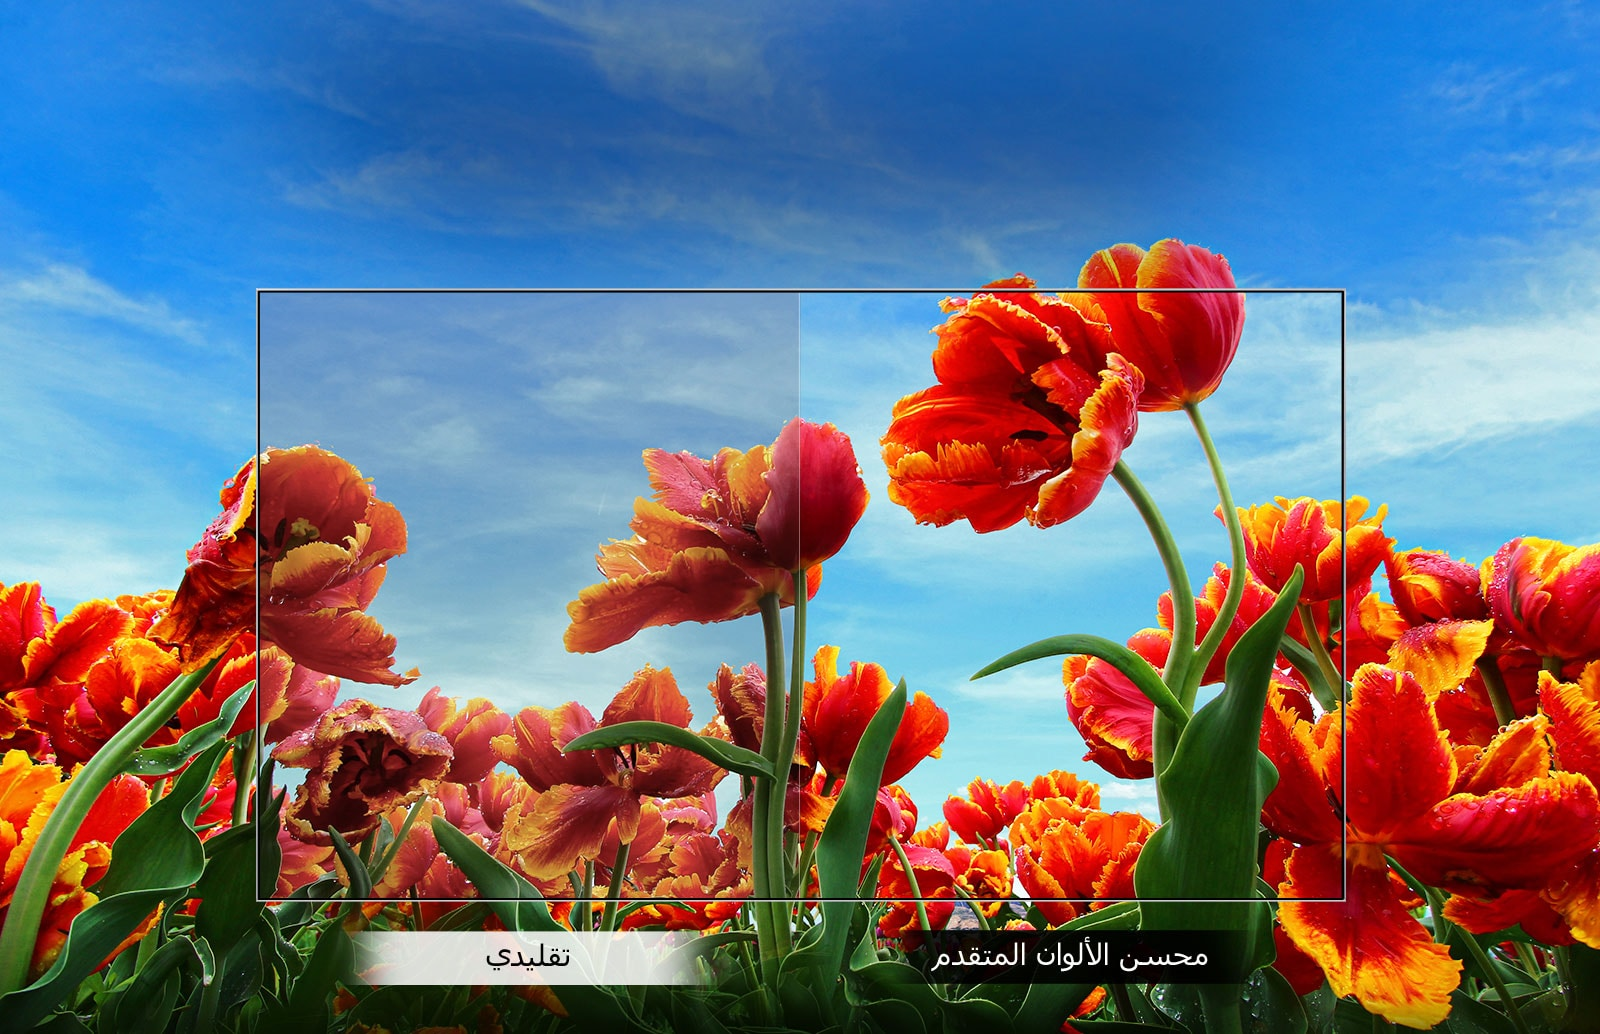 محسن الألوان الديناميكي1